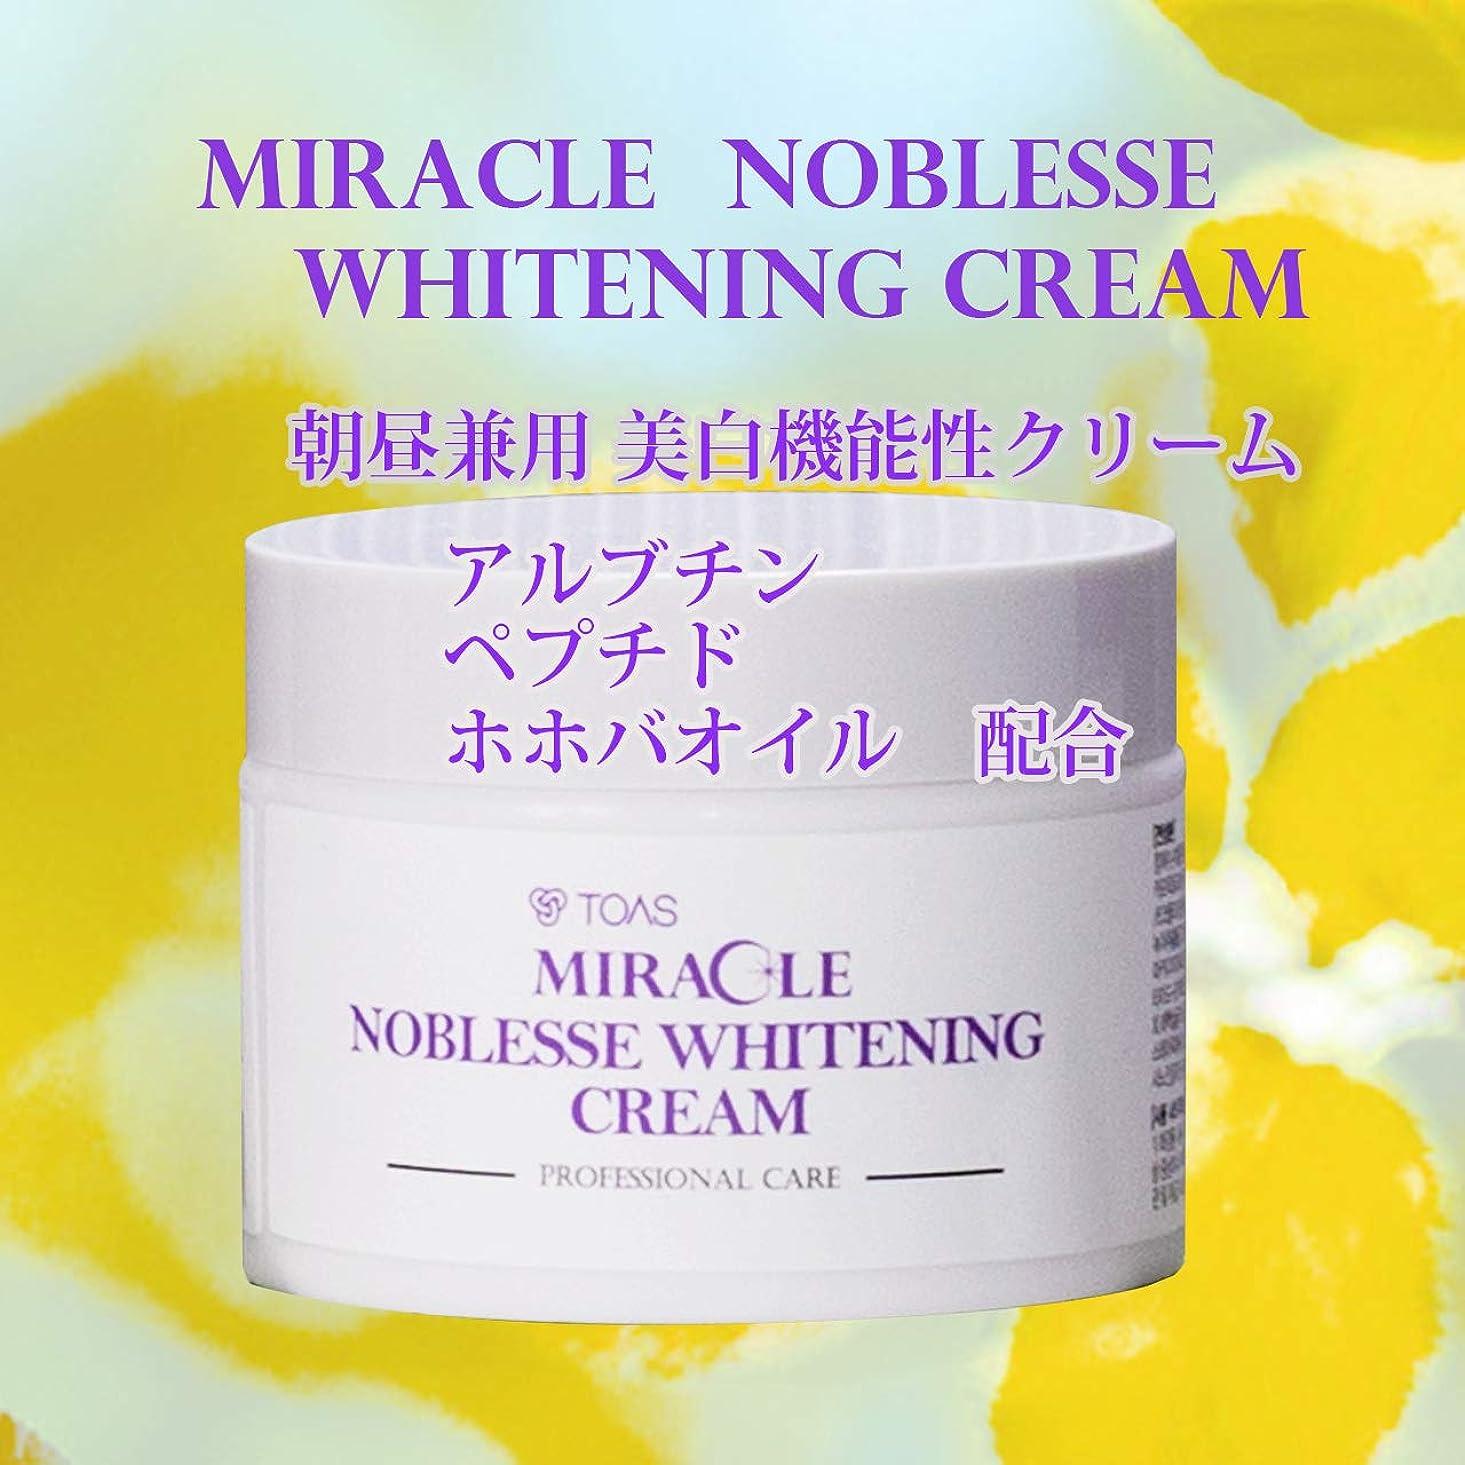 瞳非アクティブ排泄物TOAS ミラクル?ノブレス美白クリーム 50g ホワイトニングクリーム アルブチン配合 ペプチド配合 ホホバオイル配合